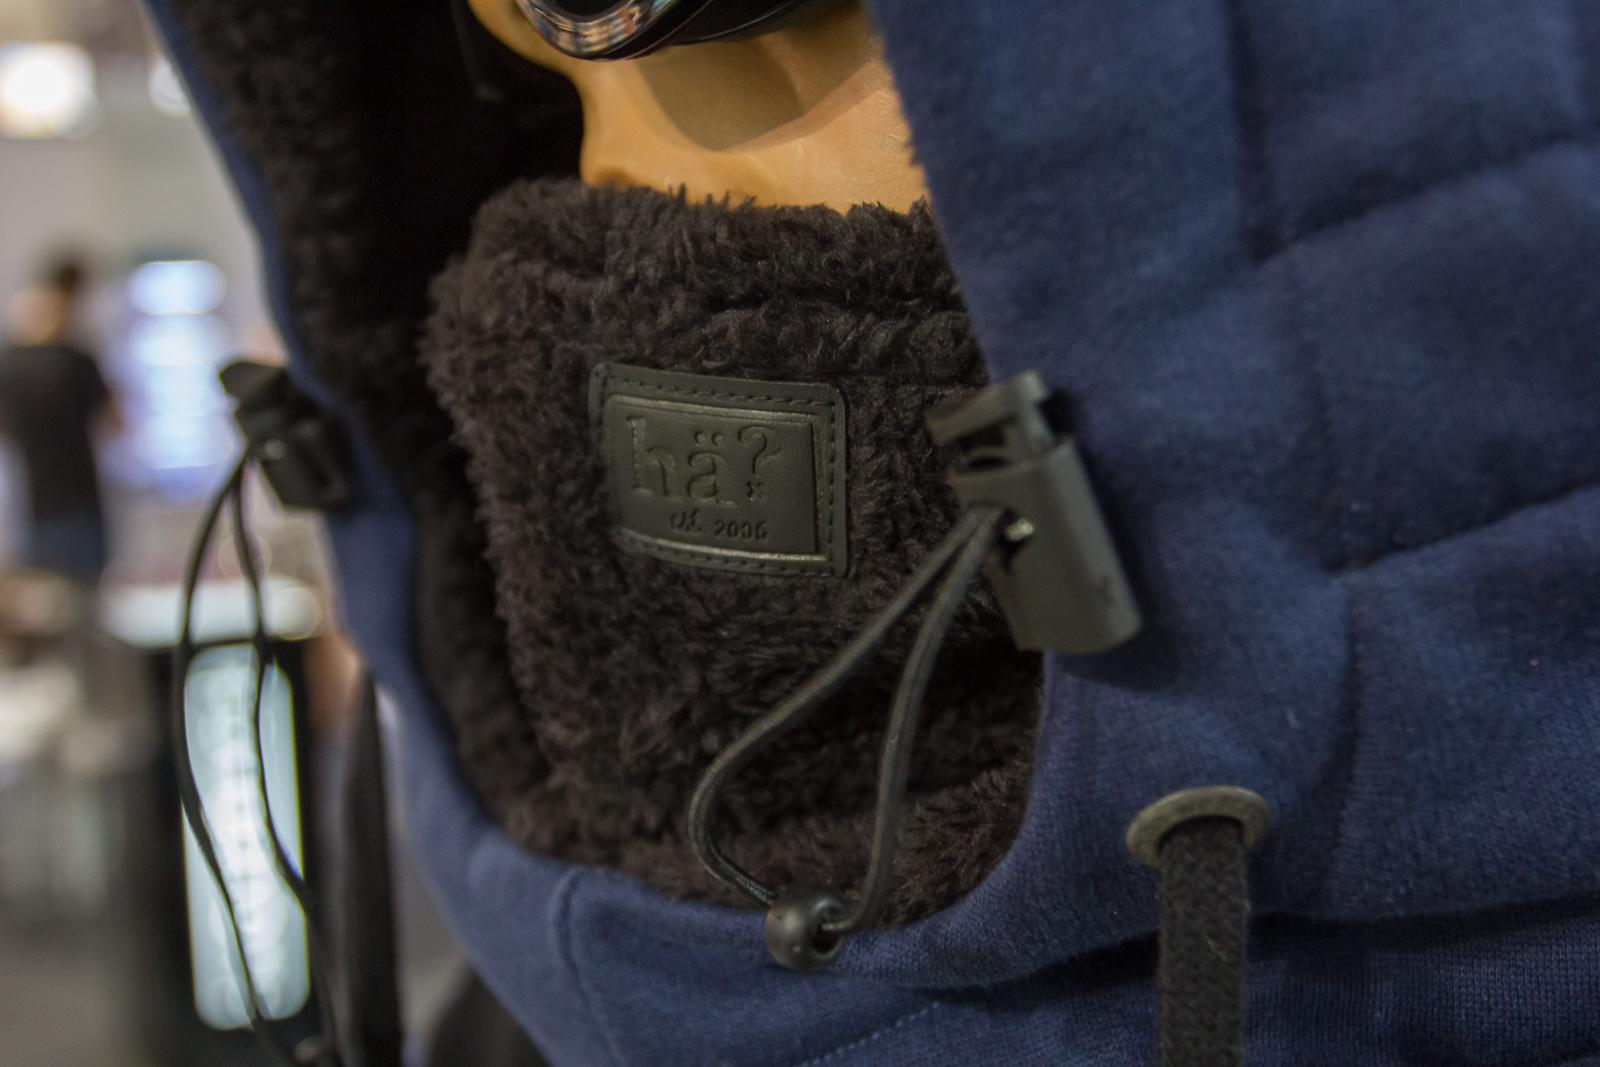 Dezent platzierte Lederpatches und elastisches Schnürsystem für individuelle Einstellung